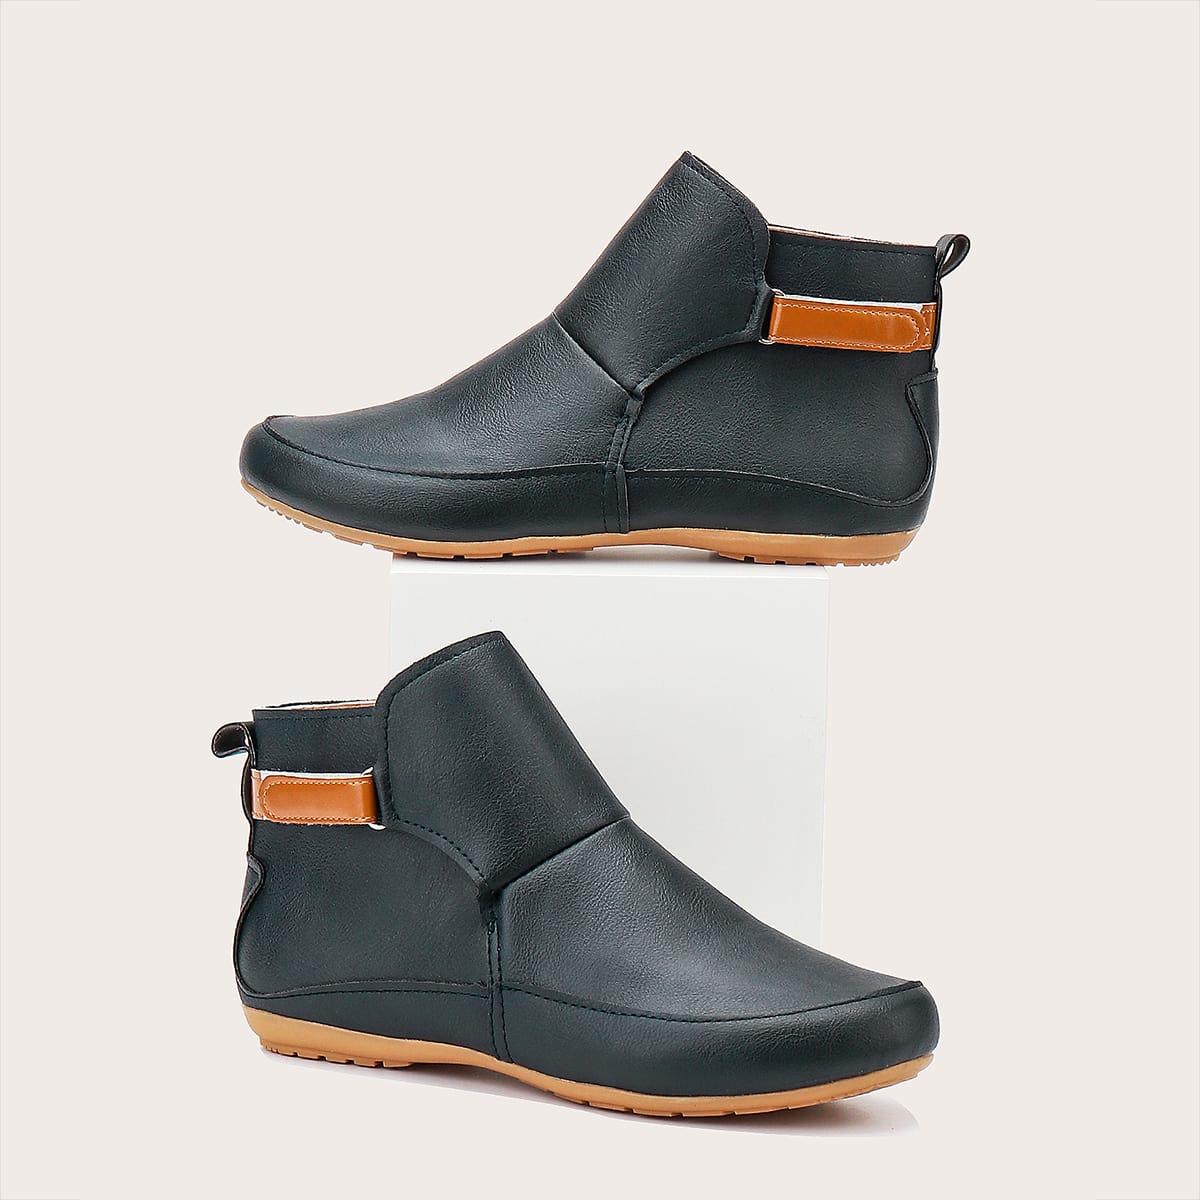 SHEIN / Minimalistische Stiefel mit Klettverschluss